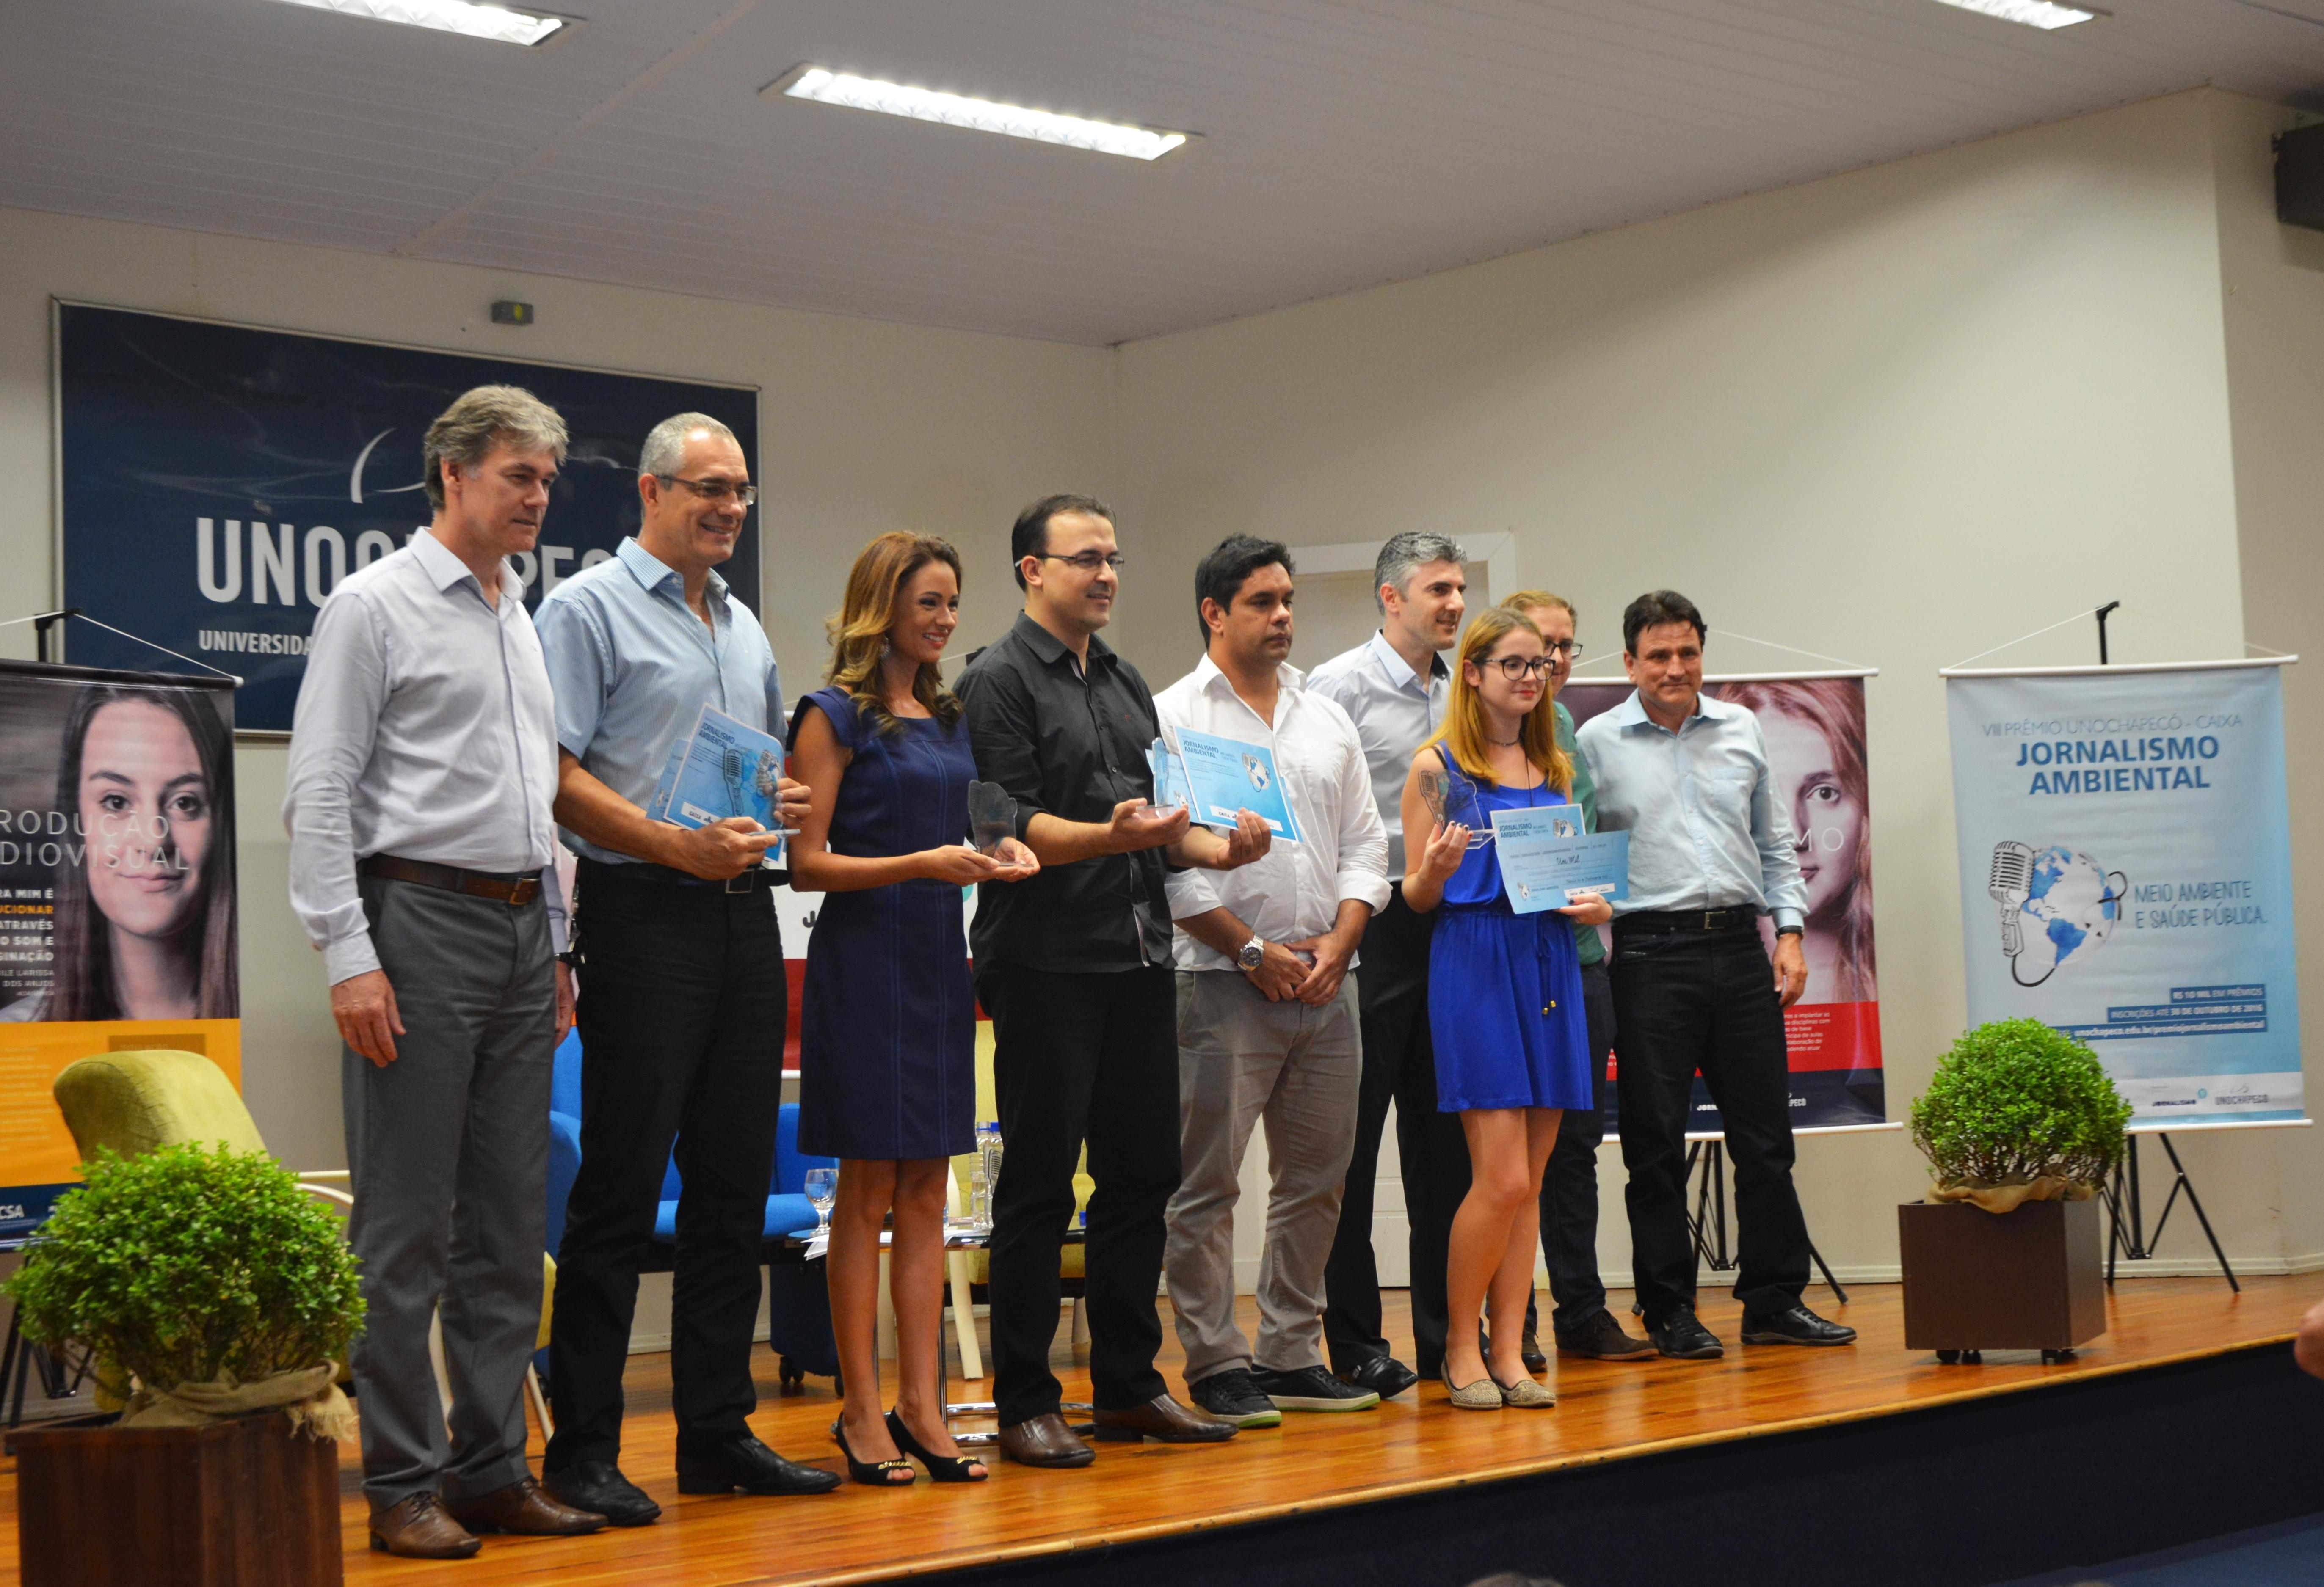 Uno homenageia os vencedores do Prêmio de Jornalismo Ambiental